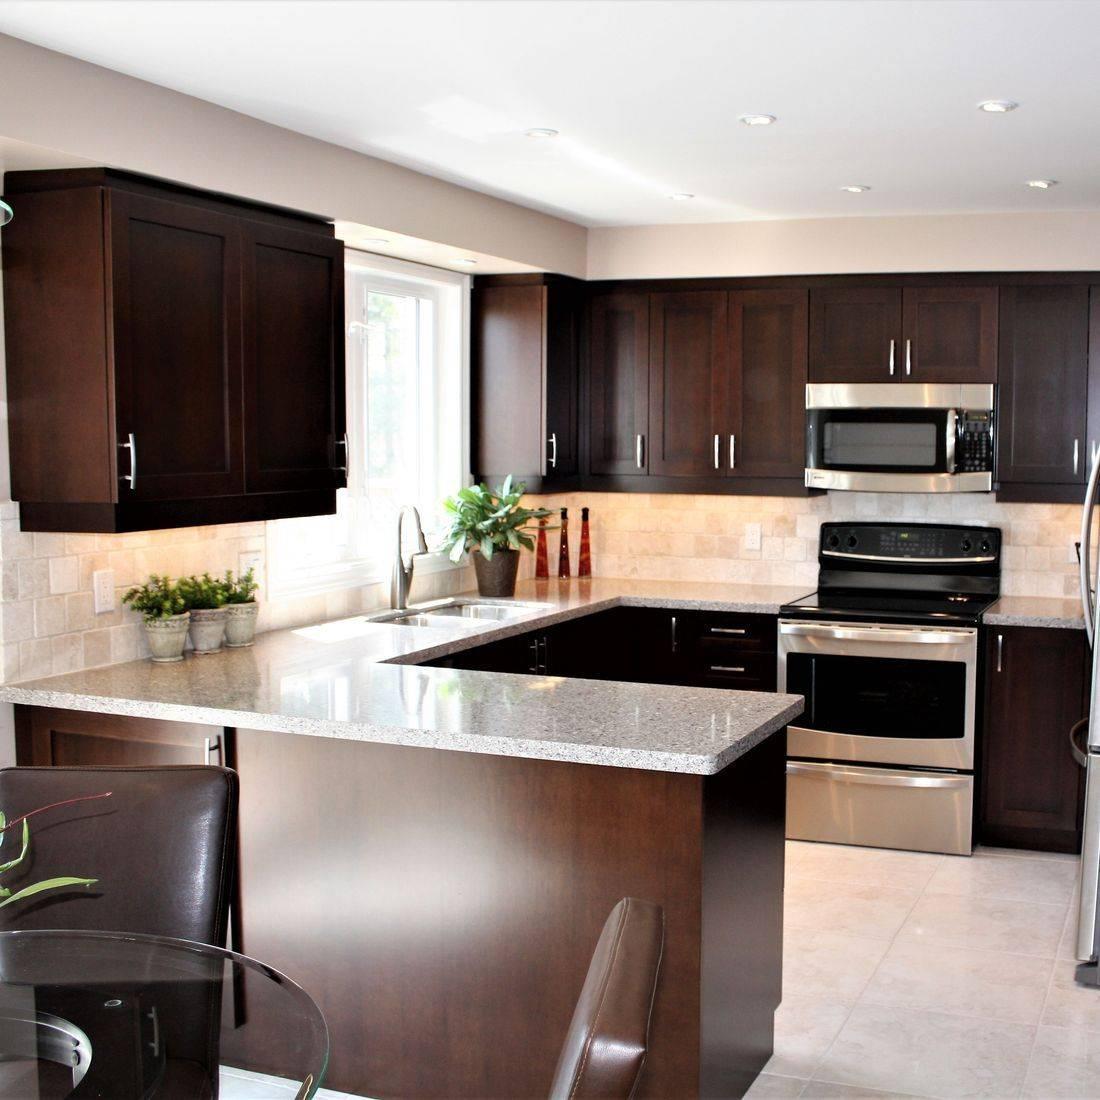 Sibra Kitchens Markham Toronto quartz counter maple shaker cabinets